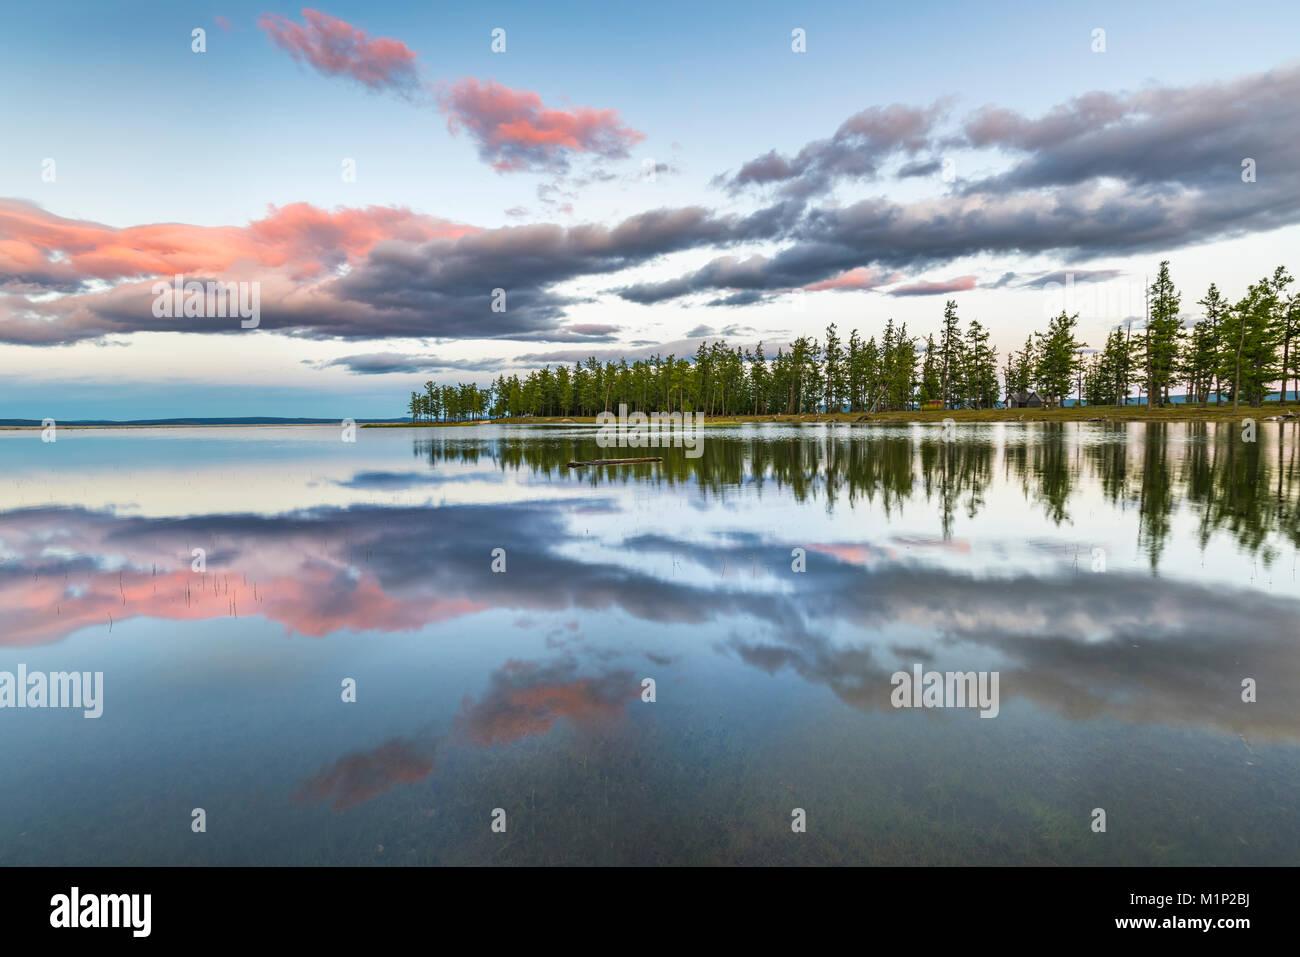 Sapins et les nuages reflétant sur la surface du lac Hovsgol au coucher du soleil, China, la Mongolie, l'Asie Photo Stock